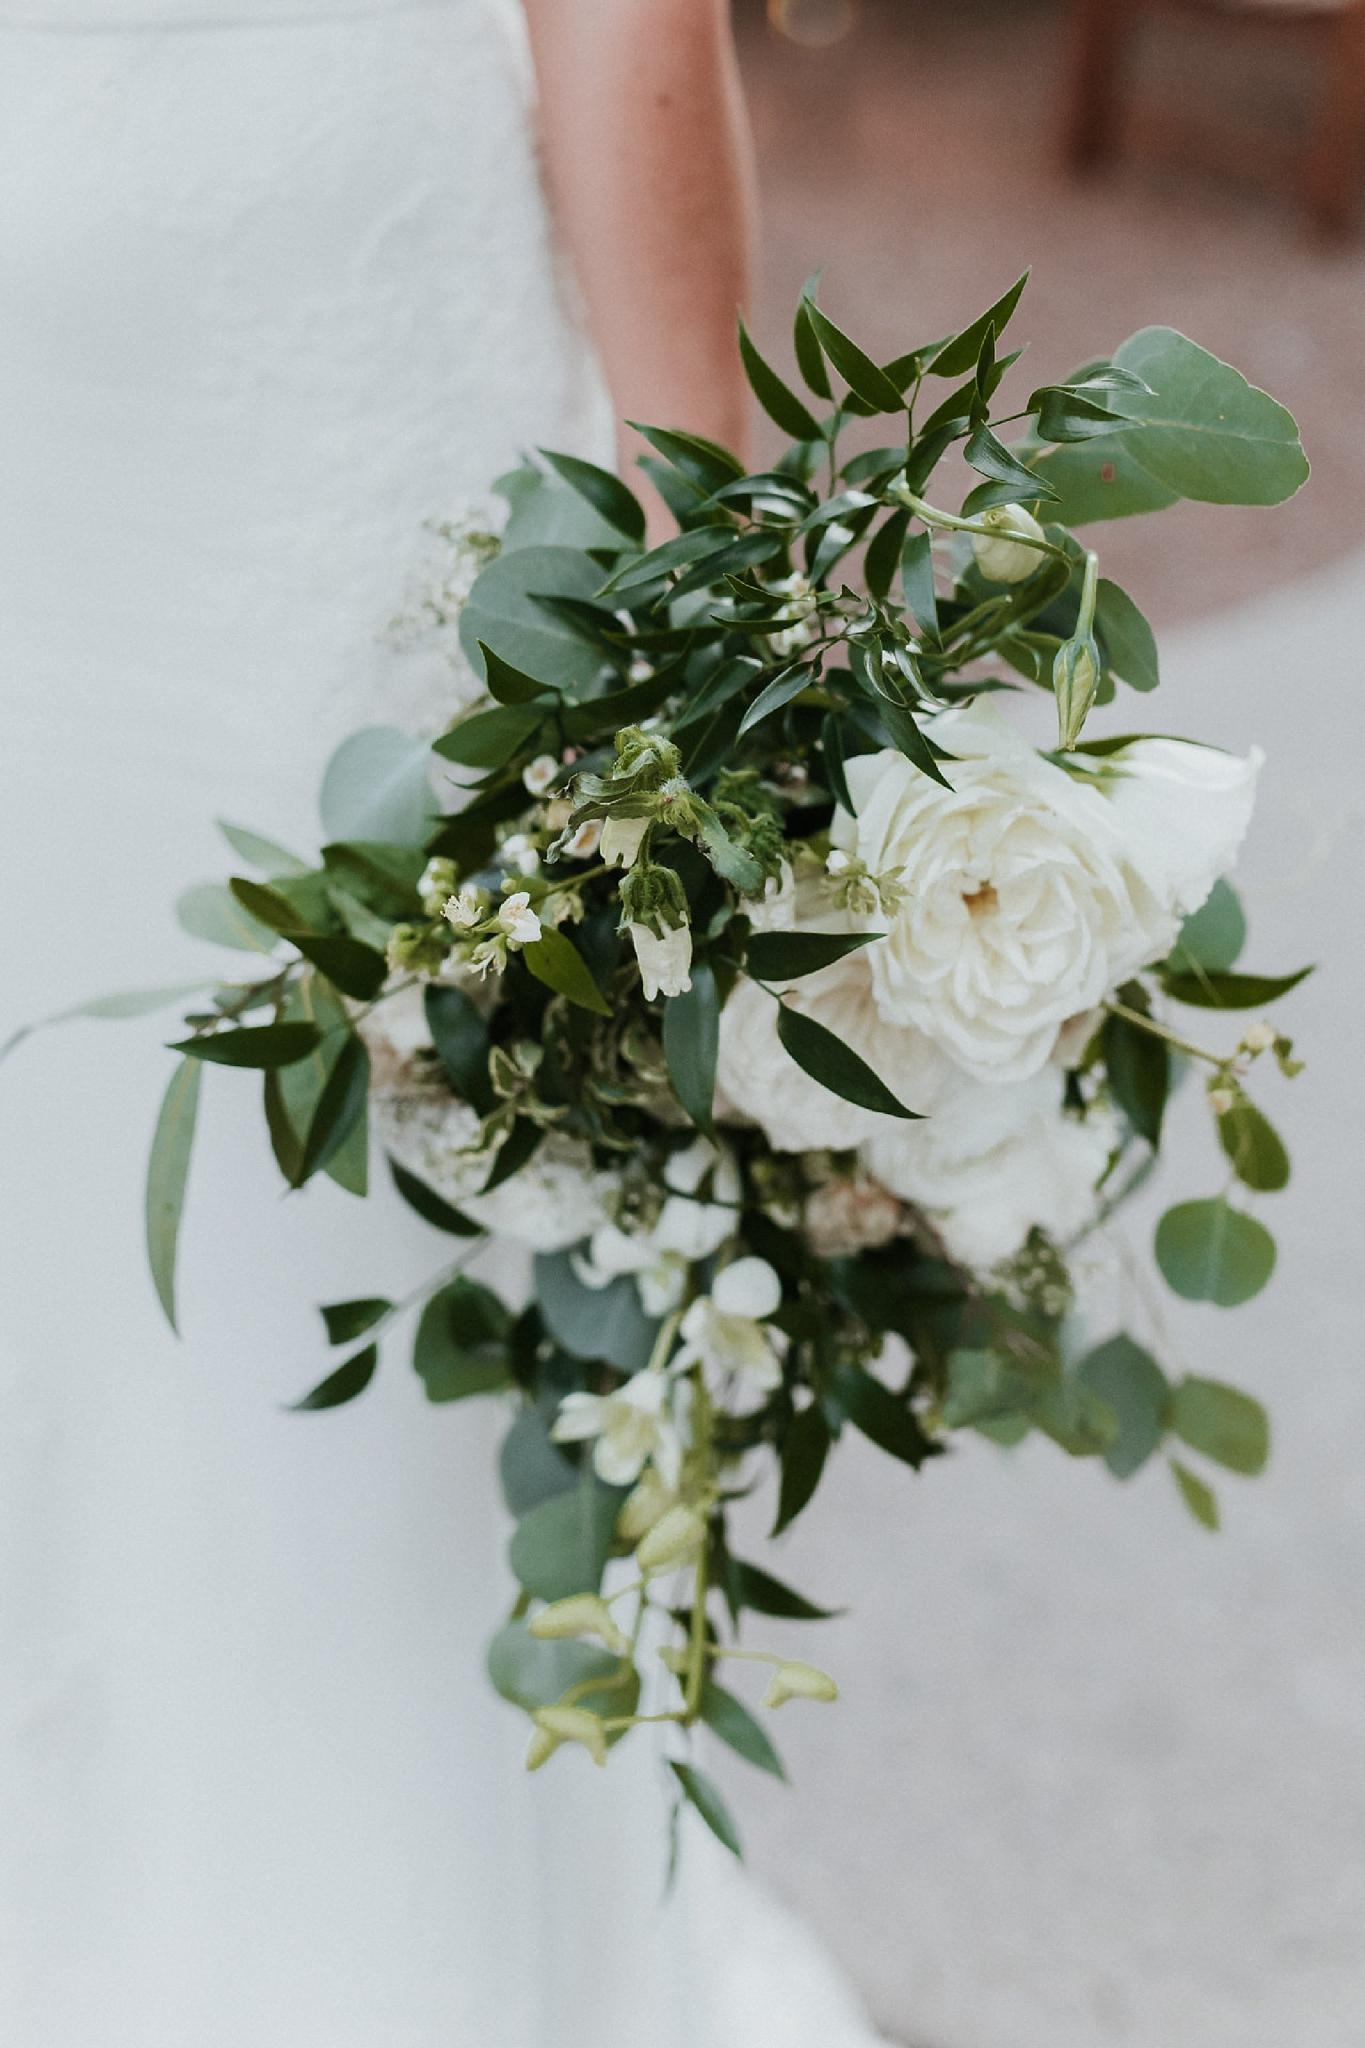 Alicia+lucia+photography+-+albuquerque+wedding+photographer+-+santa+fe+wedding+photography+-+new+mexico+wedding+photographer+-+new+mexico+florist+-+wedding+florist+-+renegade+floral_0022.jpg